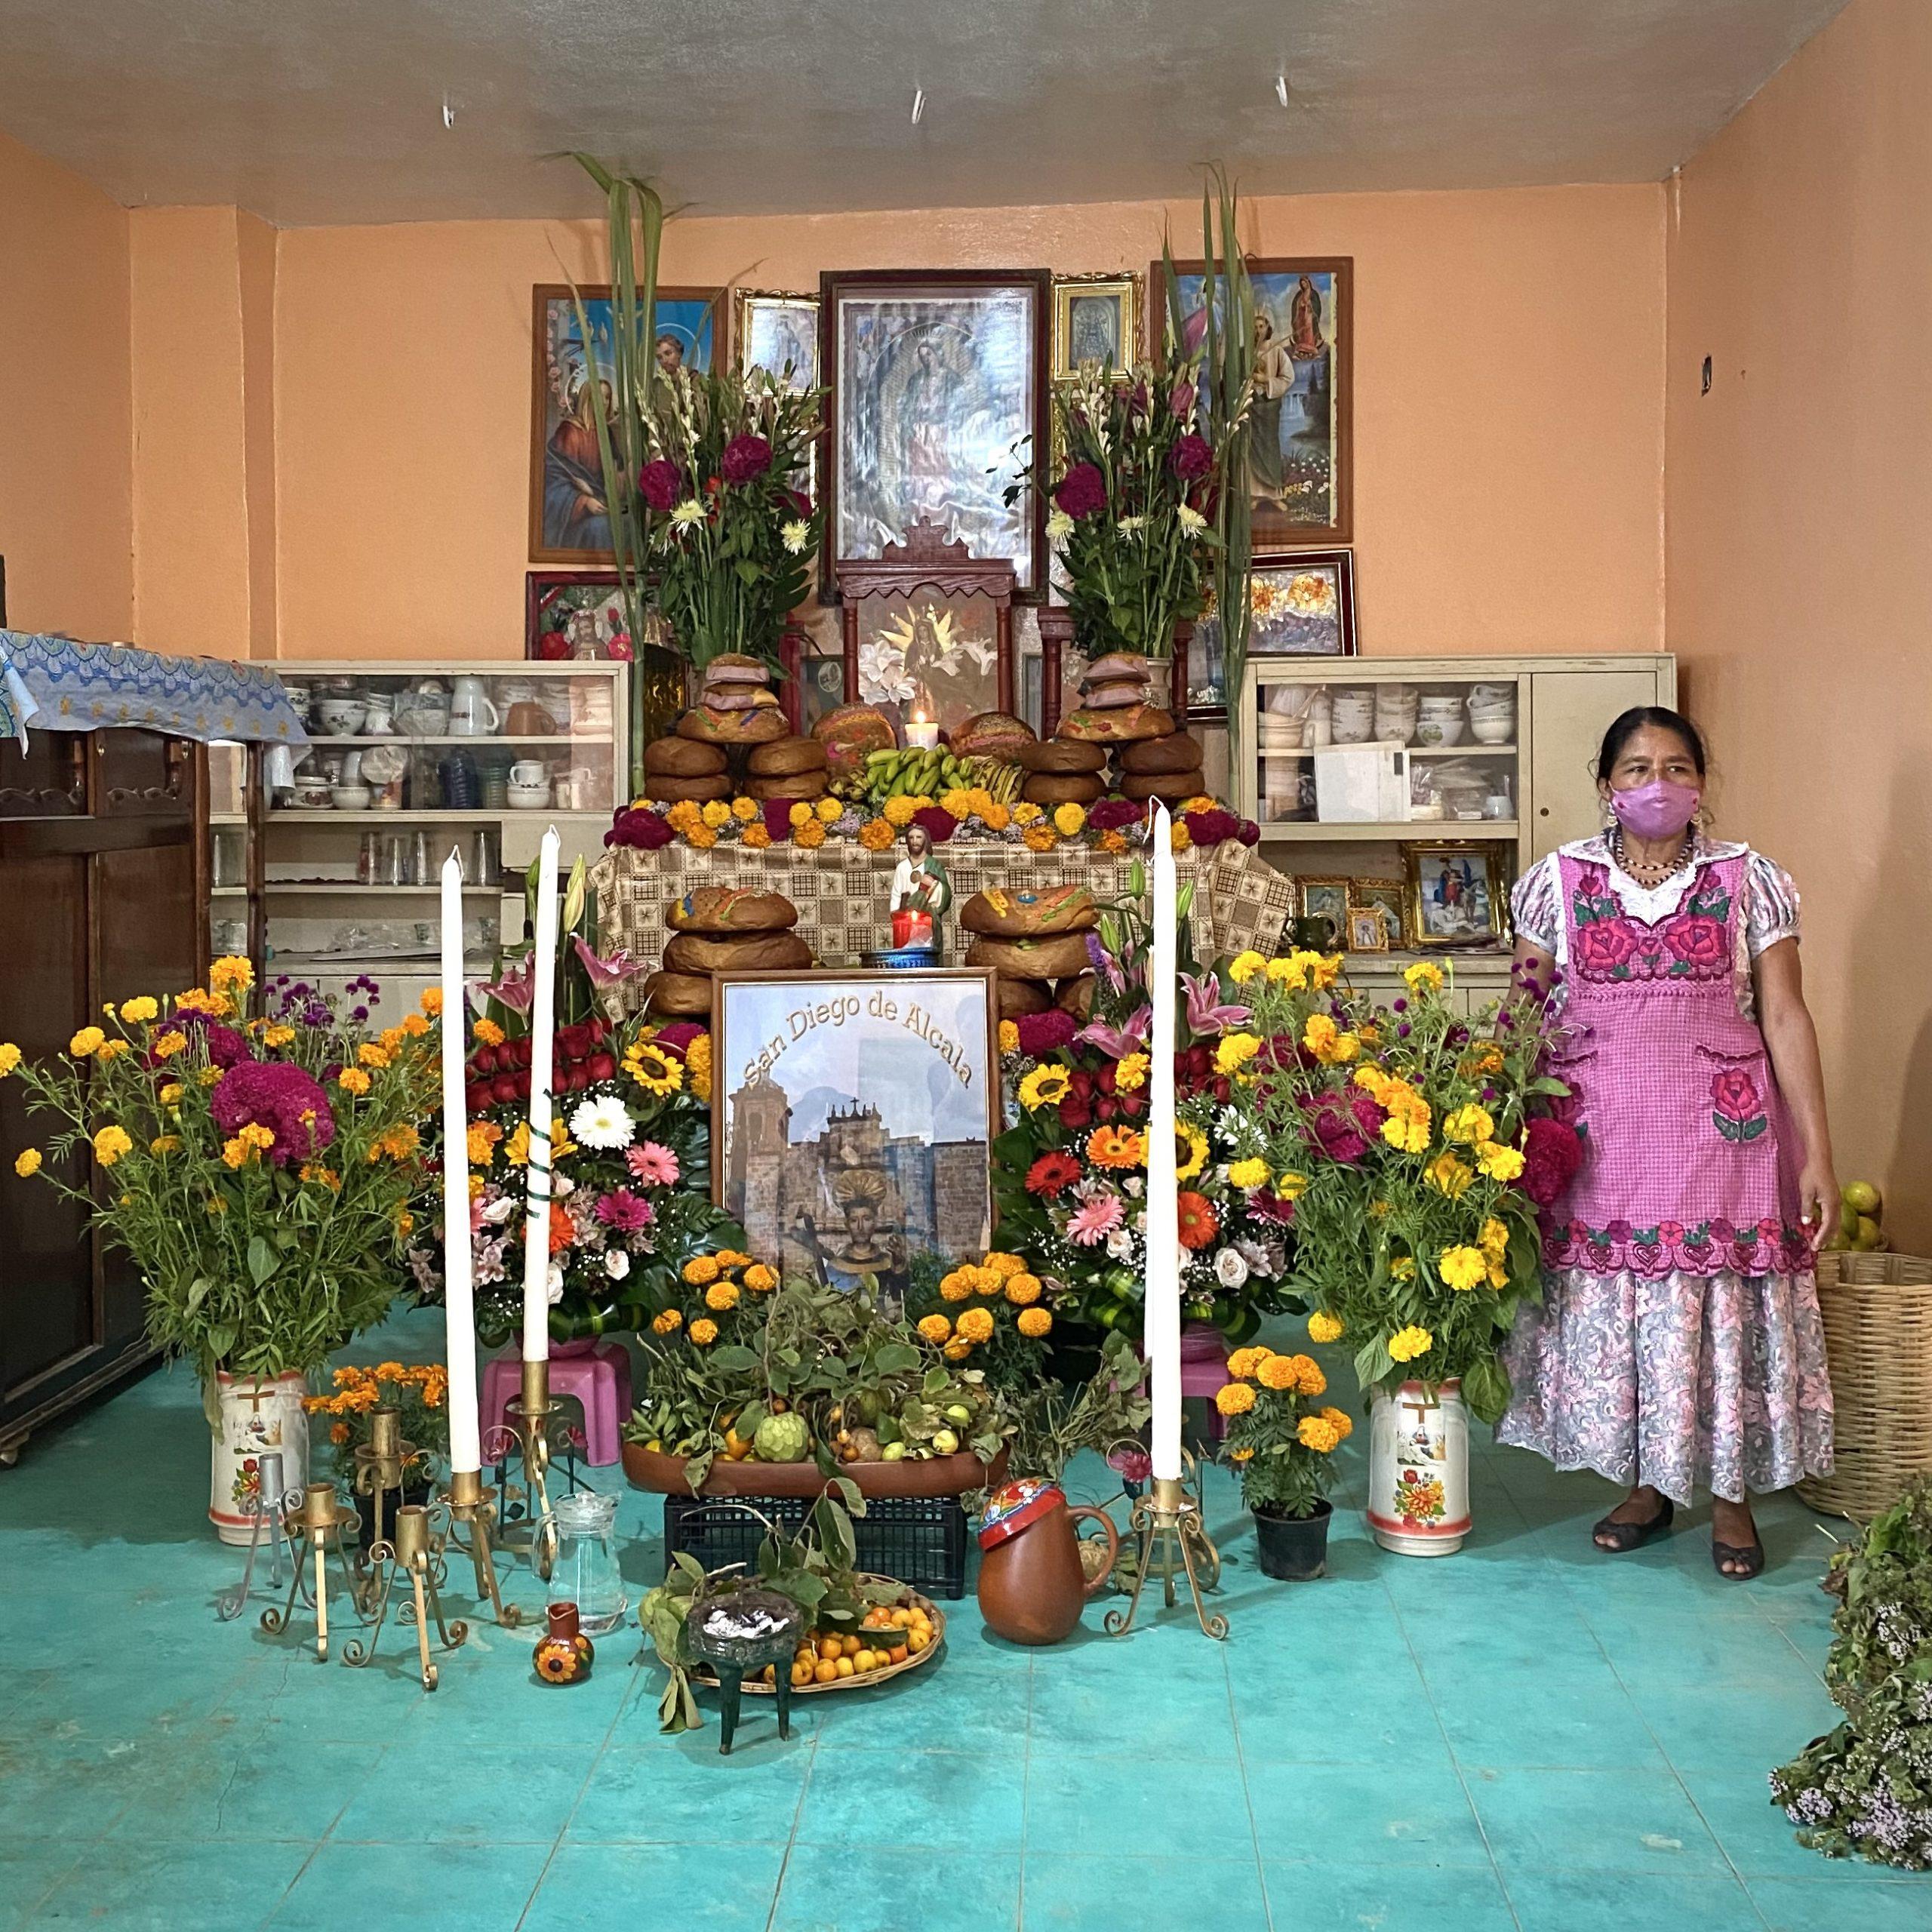 MEXICO SOSTENIBLE - MUJER Y VIAJERA - VIAJAR SOLA - VIAJES PARA MUJERES26